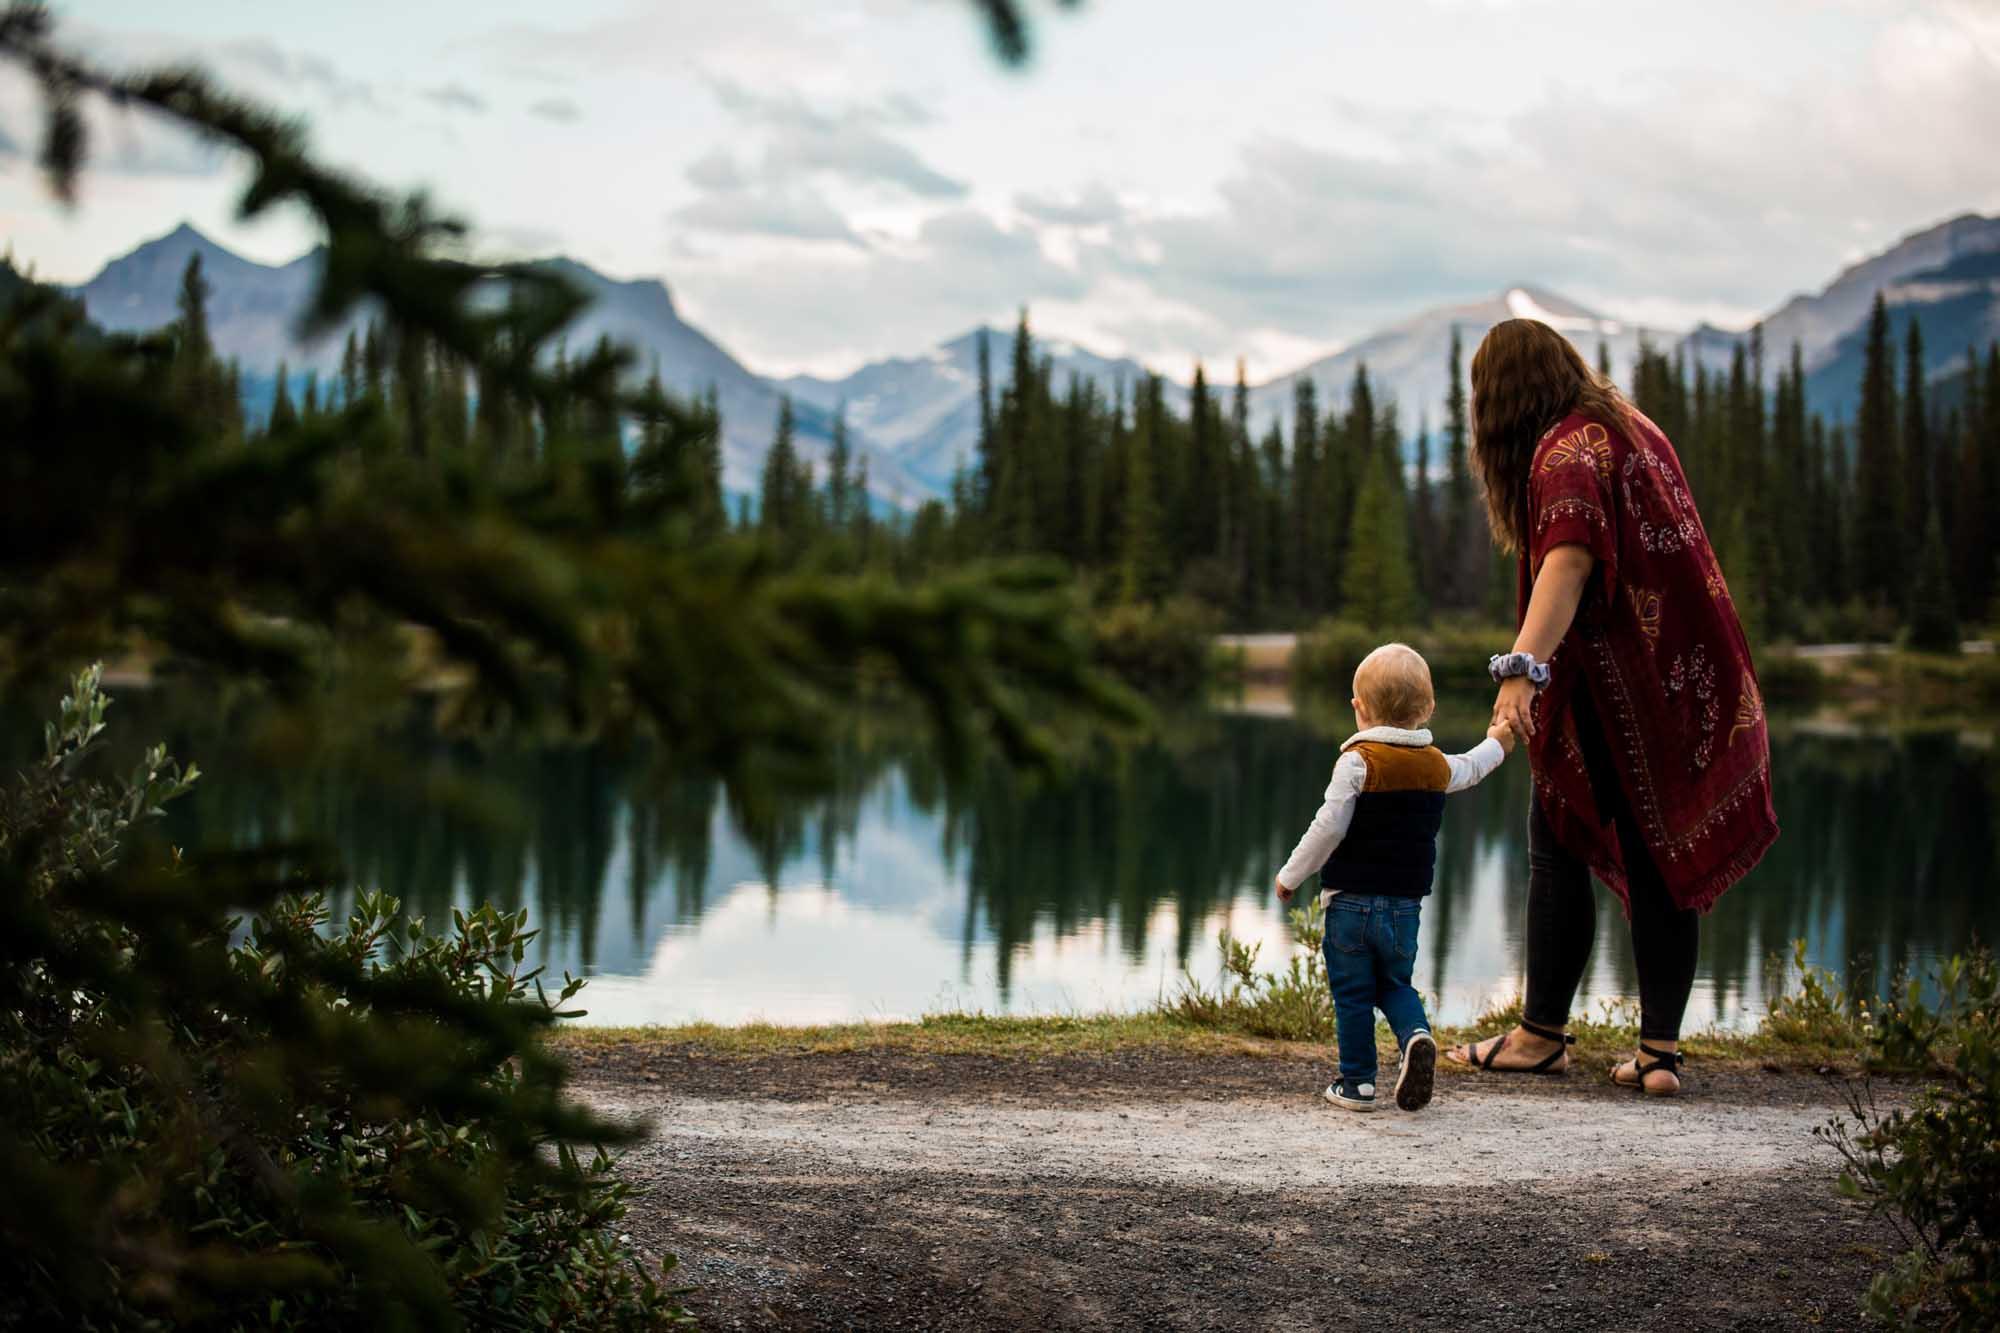 Calgary family photographer, adventure family photography in the Kananaskis